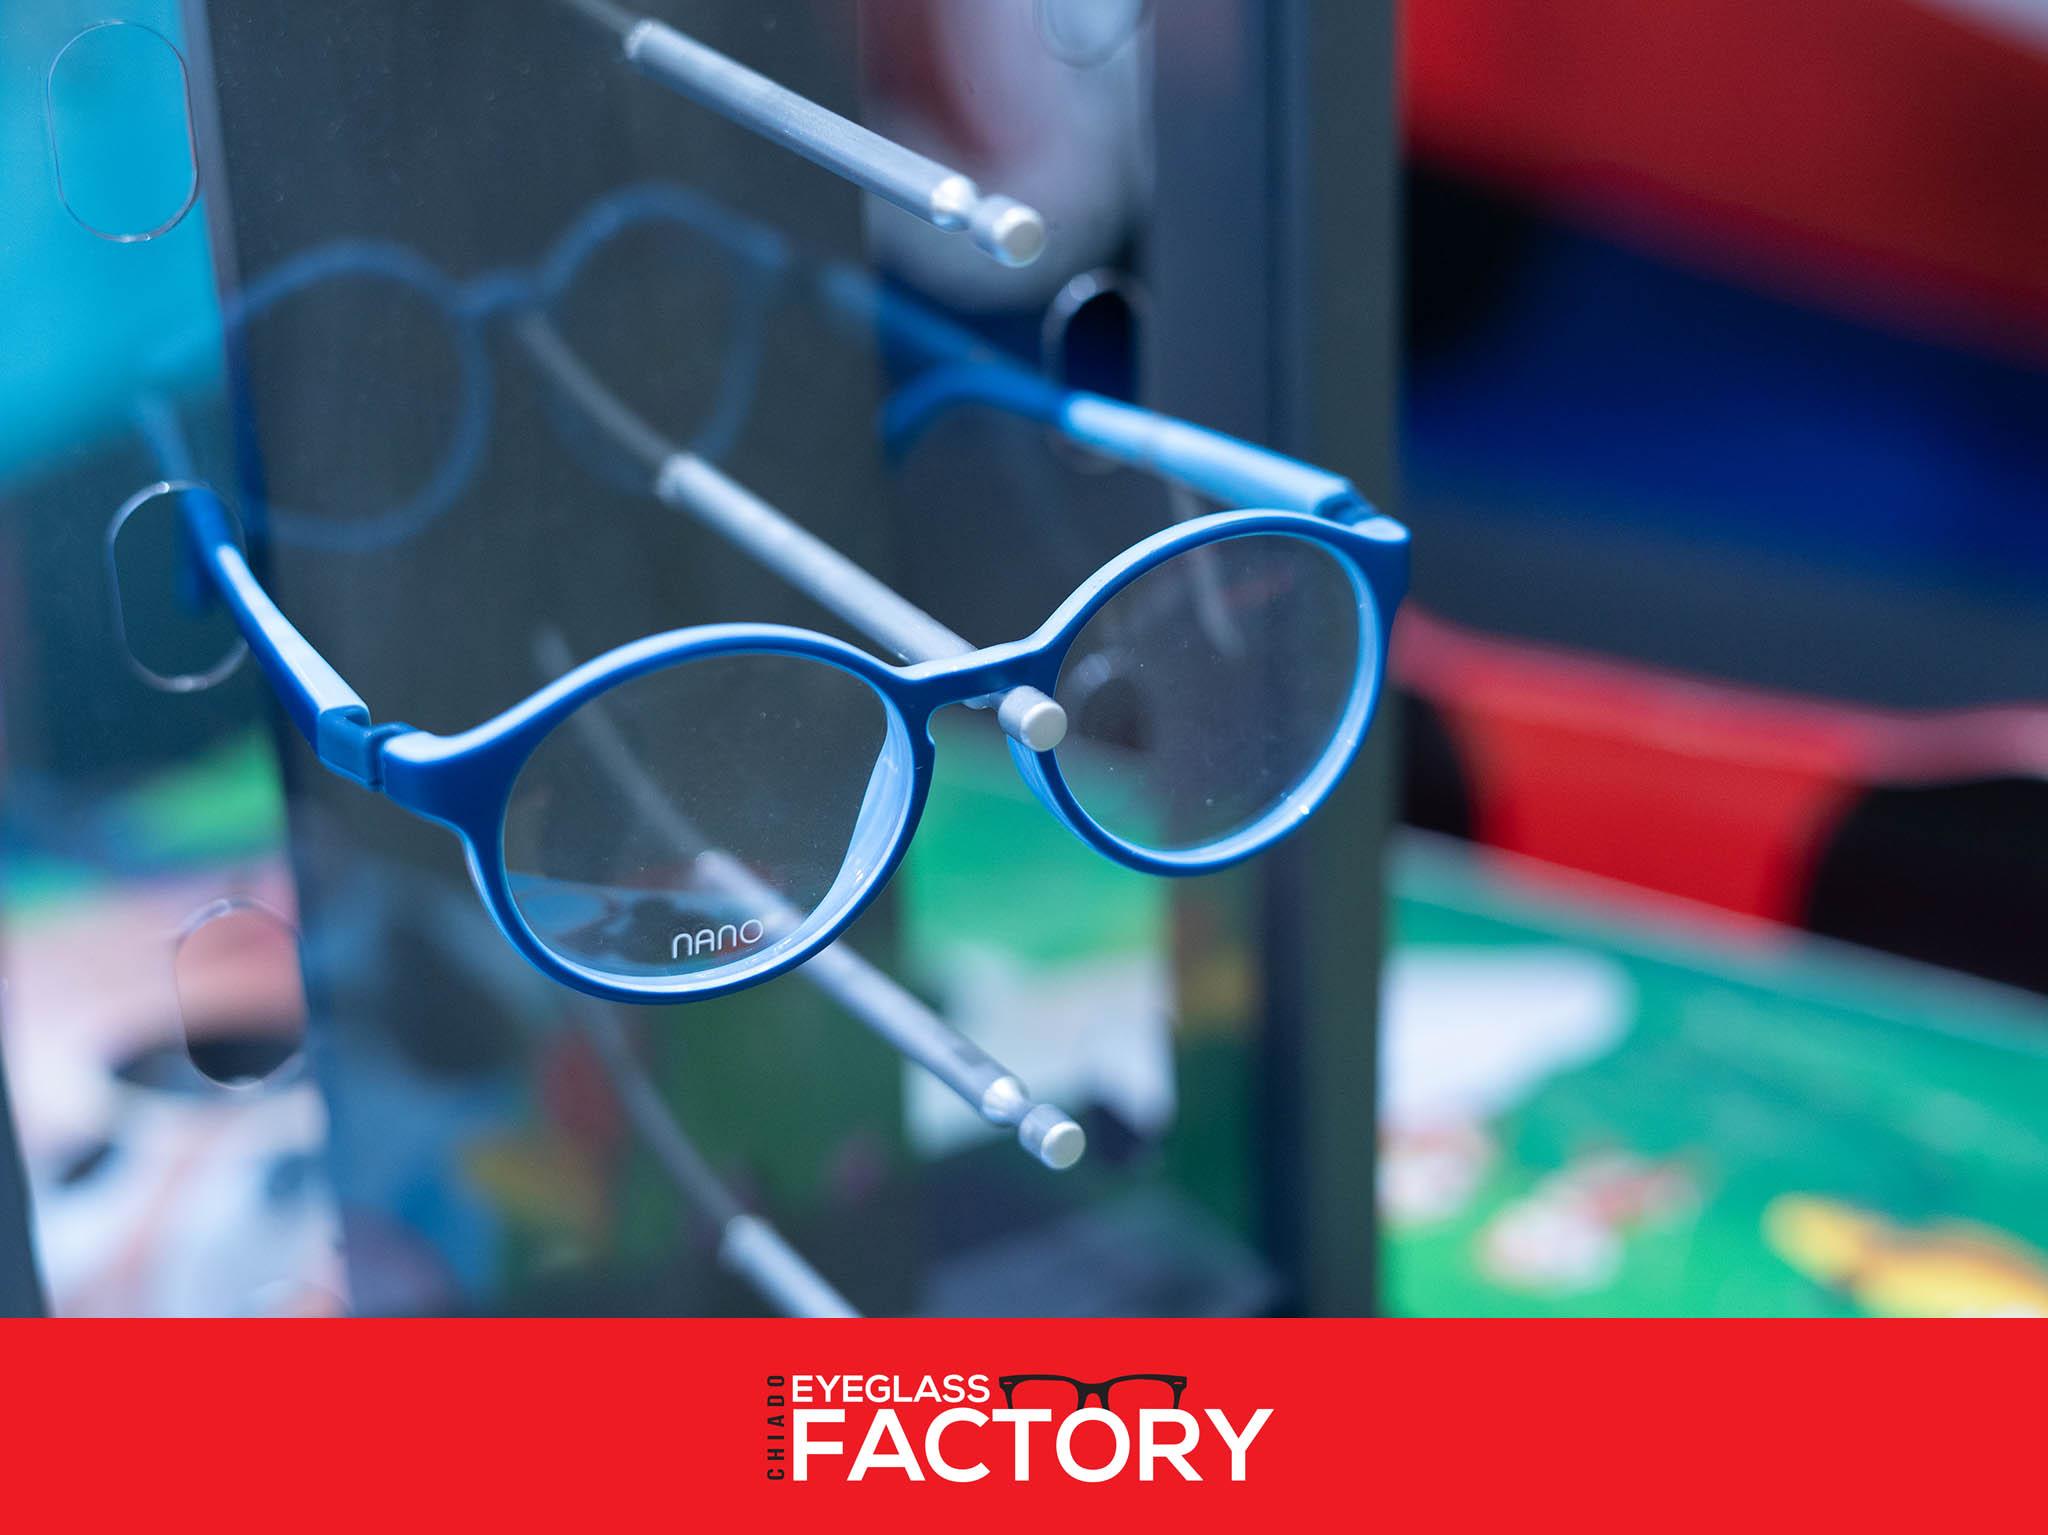 fa46183b5 Só existem vantagens em escolher óculos de criança Nano Vista ...